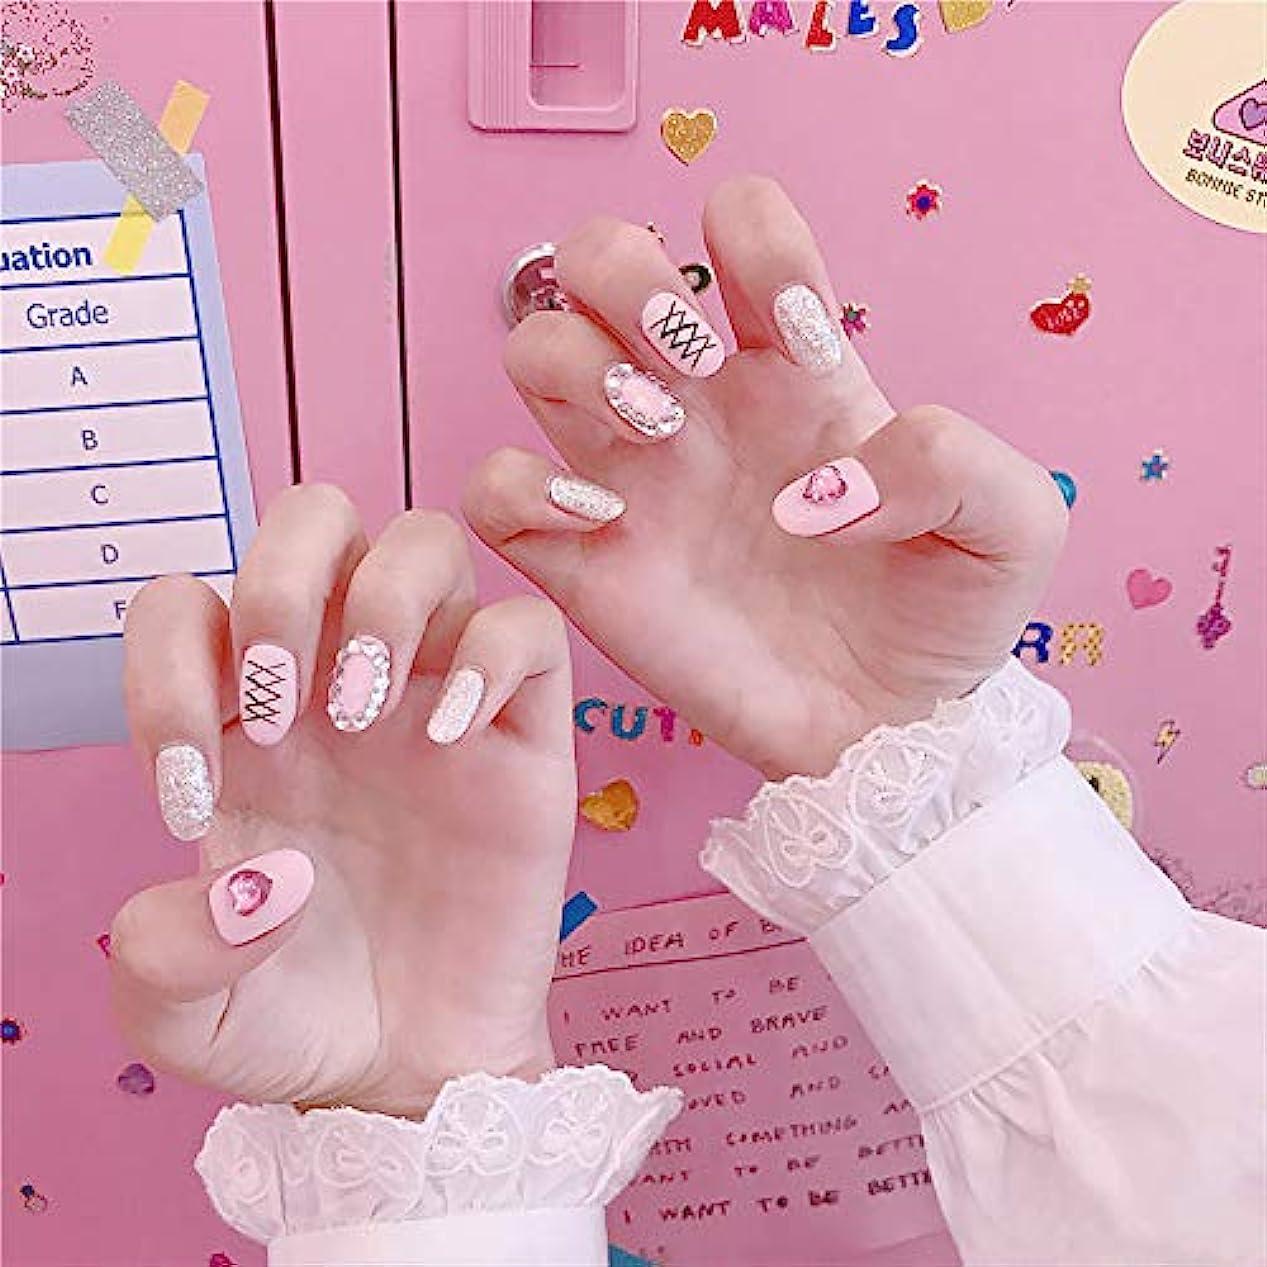 地理対人手順XUTXZKA ピンク色の偽の釘女性ファッション偽ネイルネイルアートのヒント